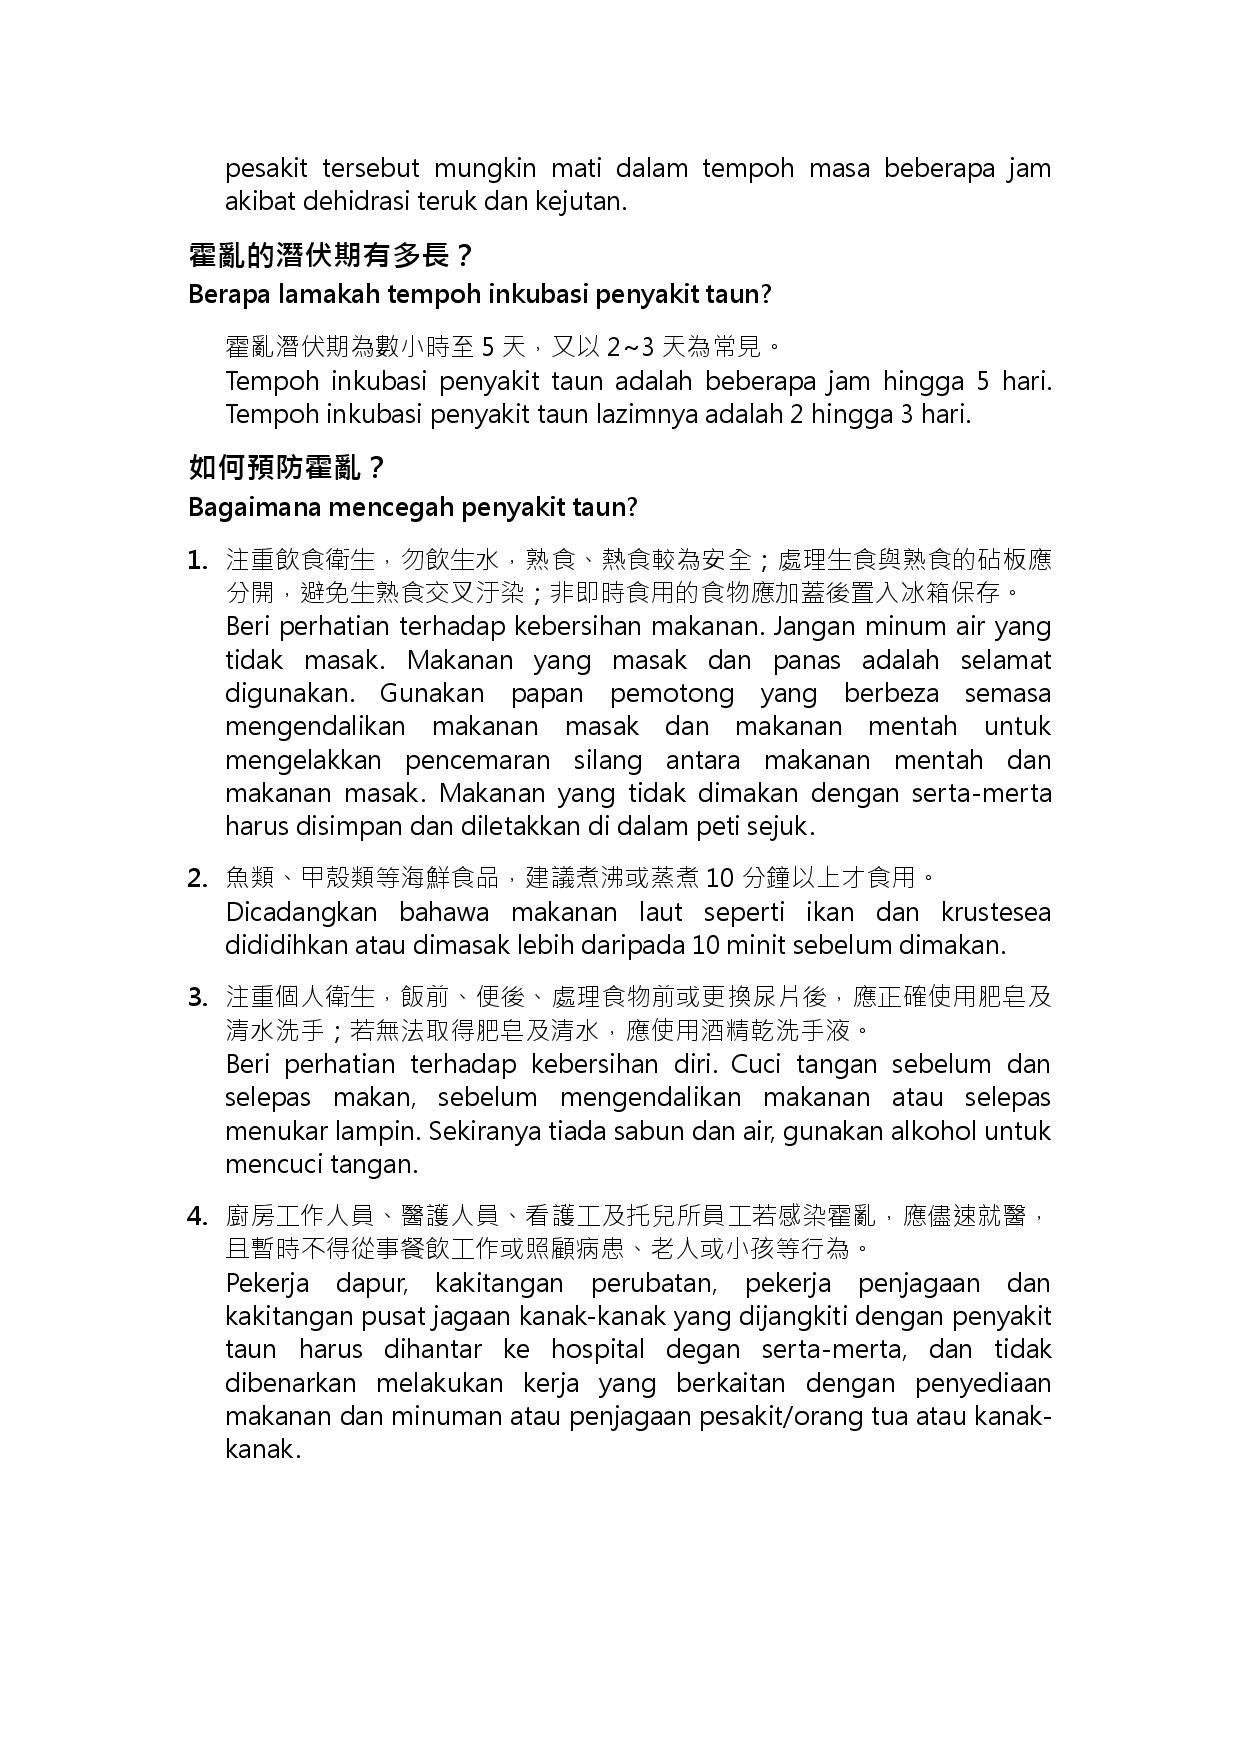 詳如附件【klik saya】Untuk mencegah penyakit taun(Halaman 2)預防霍亂,勿生飲生食,落實勤洗手的良好衛生習慣(馬來文)